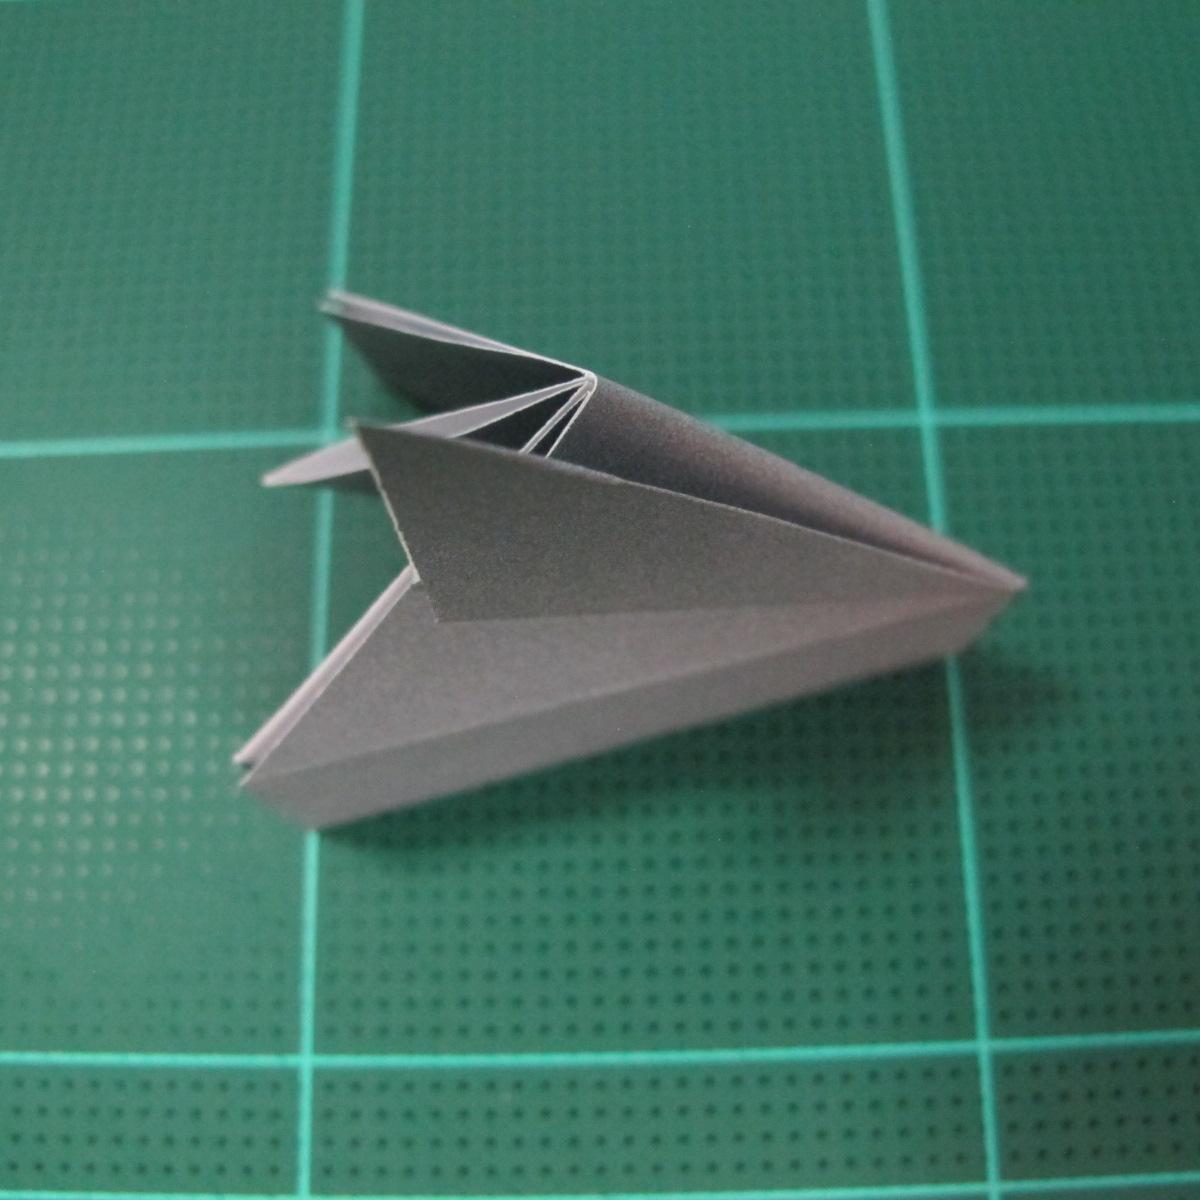 วิธีพับกล่องของขวัญแบบโมดูล่า (Modular Origami Decorative Box) โดย Tomoko Fuse 023